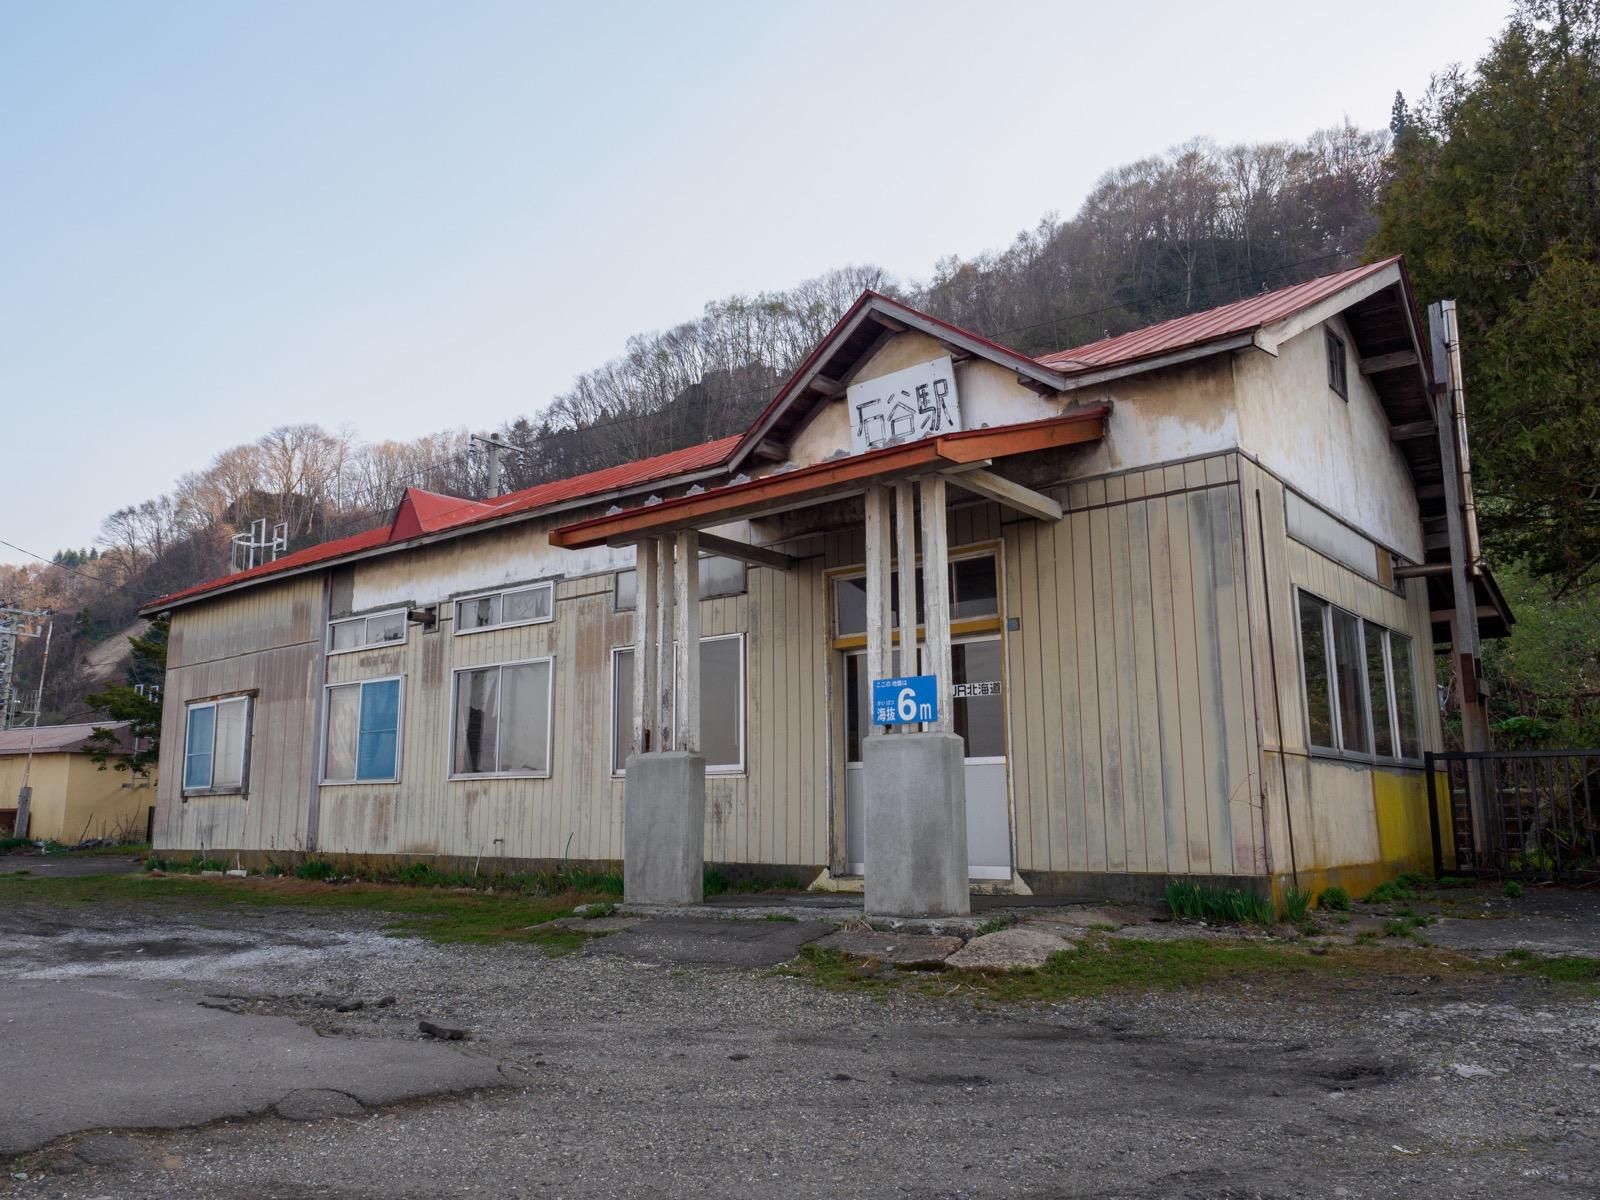 石谷駅の駅舎(2018年4月)